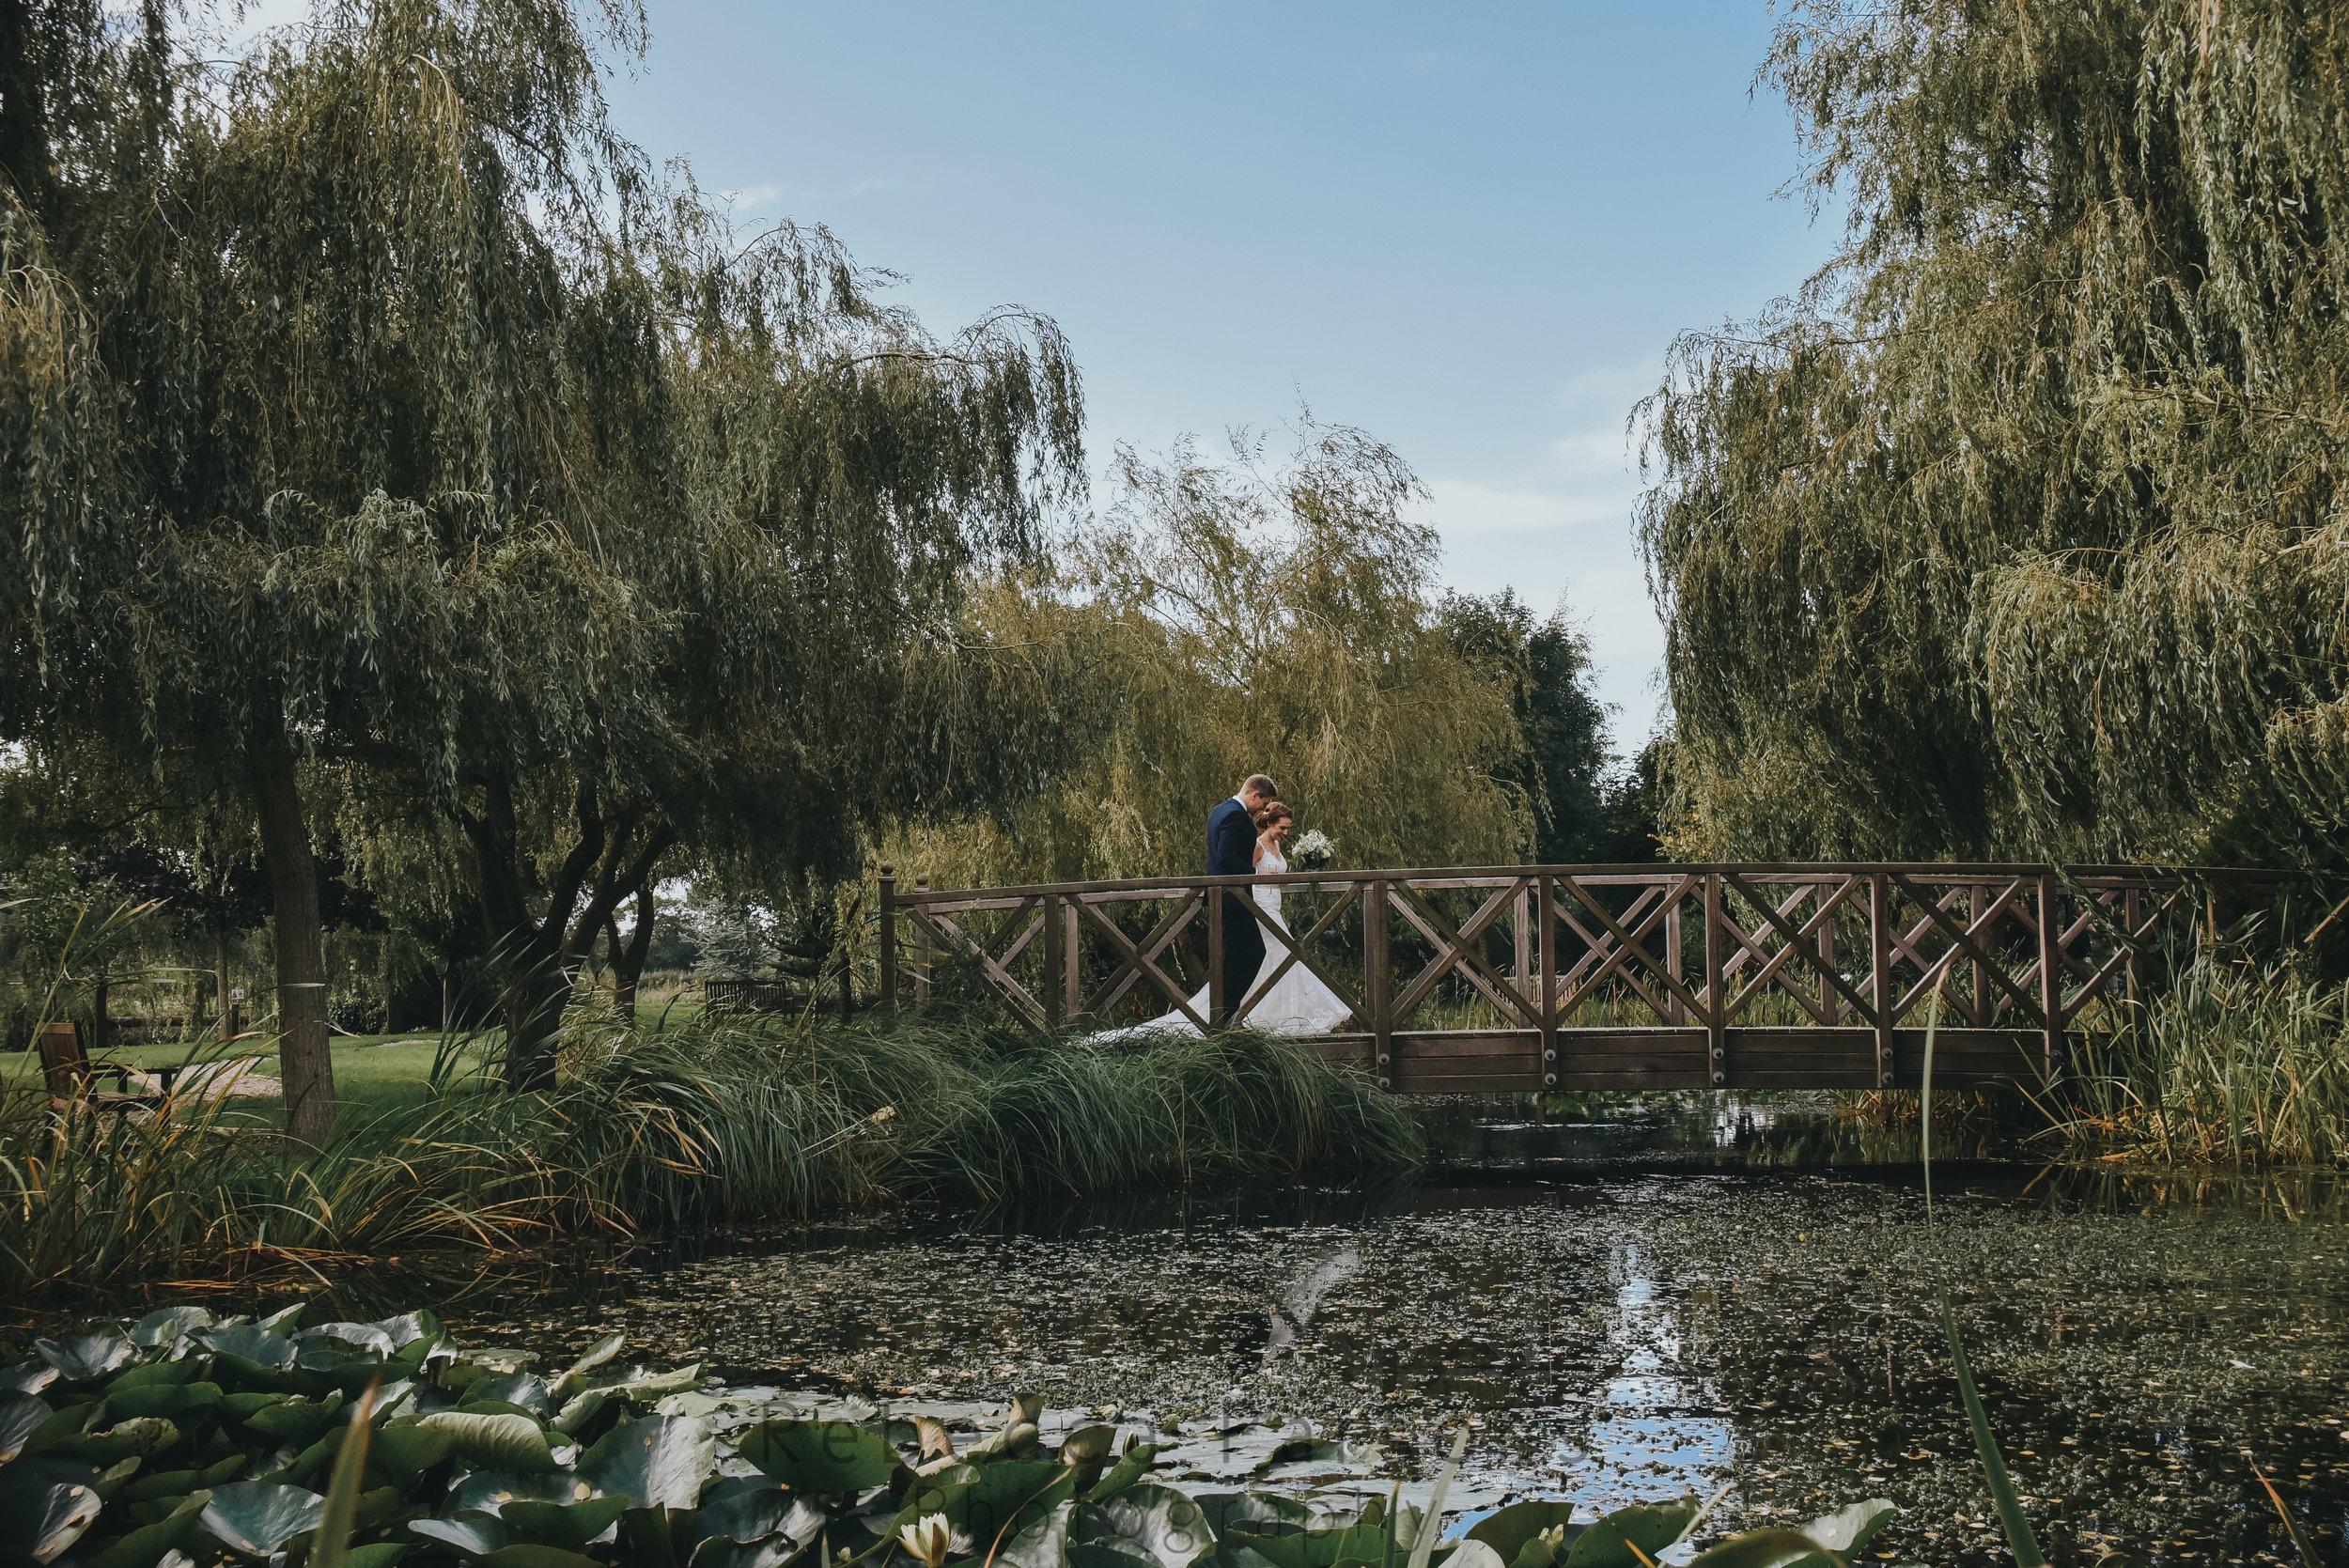 Bride and groom on bridge in sensory garden